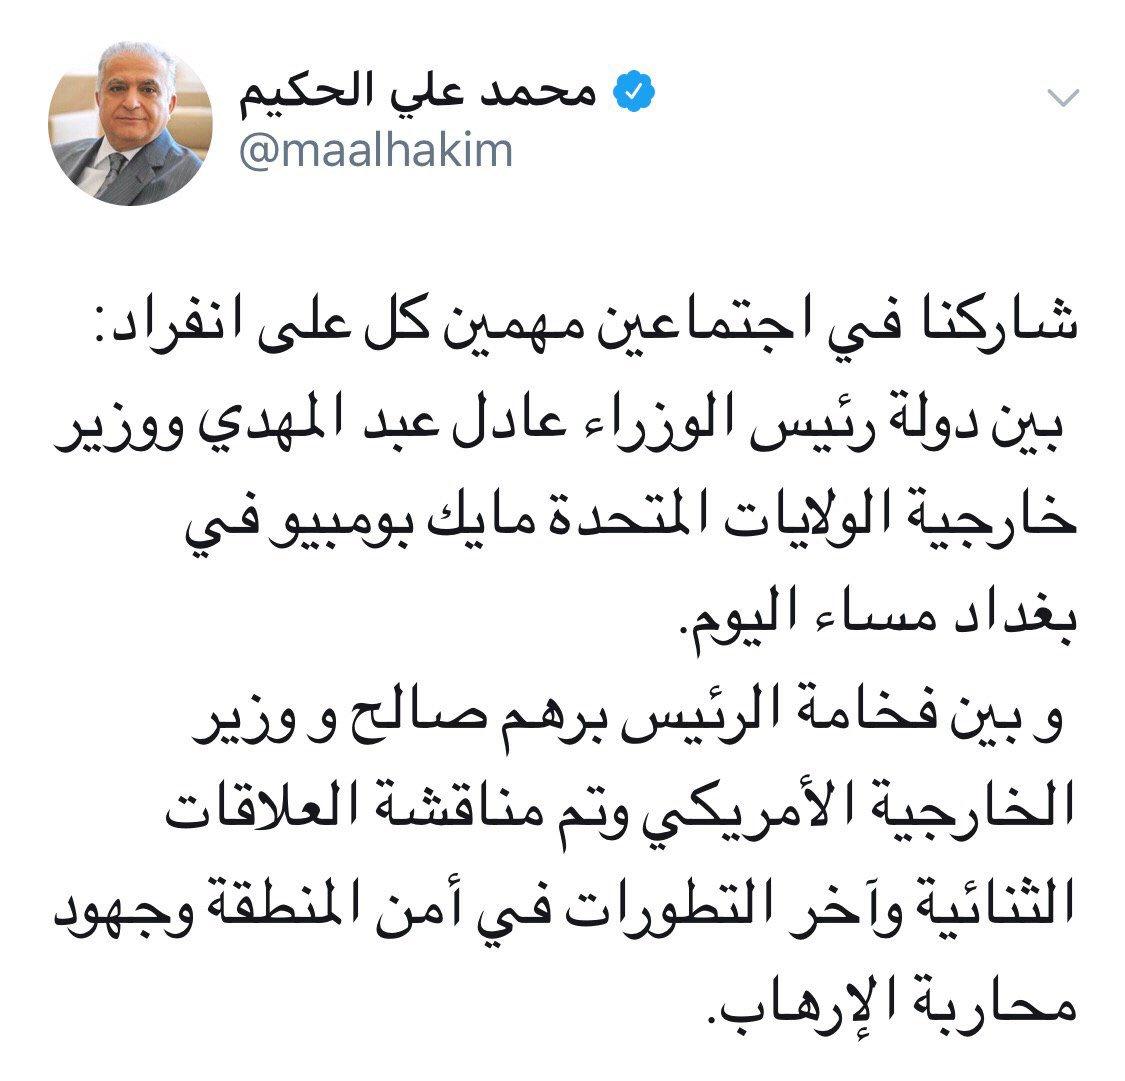 أمريكا: أرسلنا القوة الضاربة إلى الخليج بسبب تحضيرات إيران لمهاجمة عسكريينا D5_1sW7UYAAGGLi